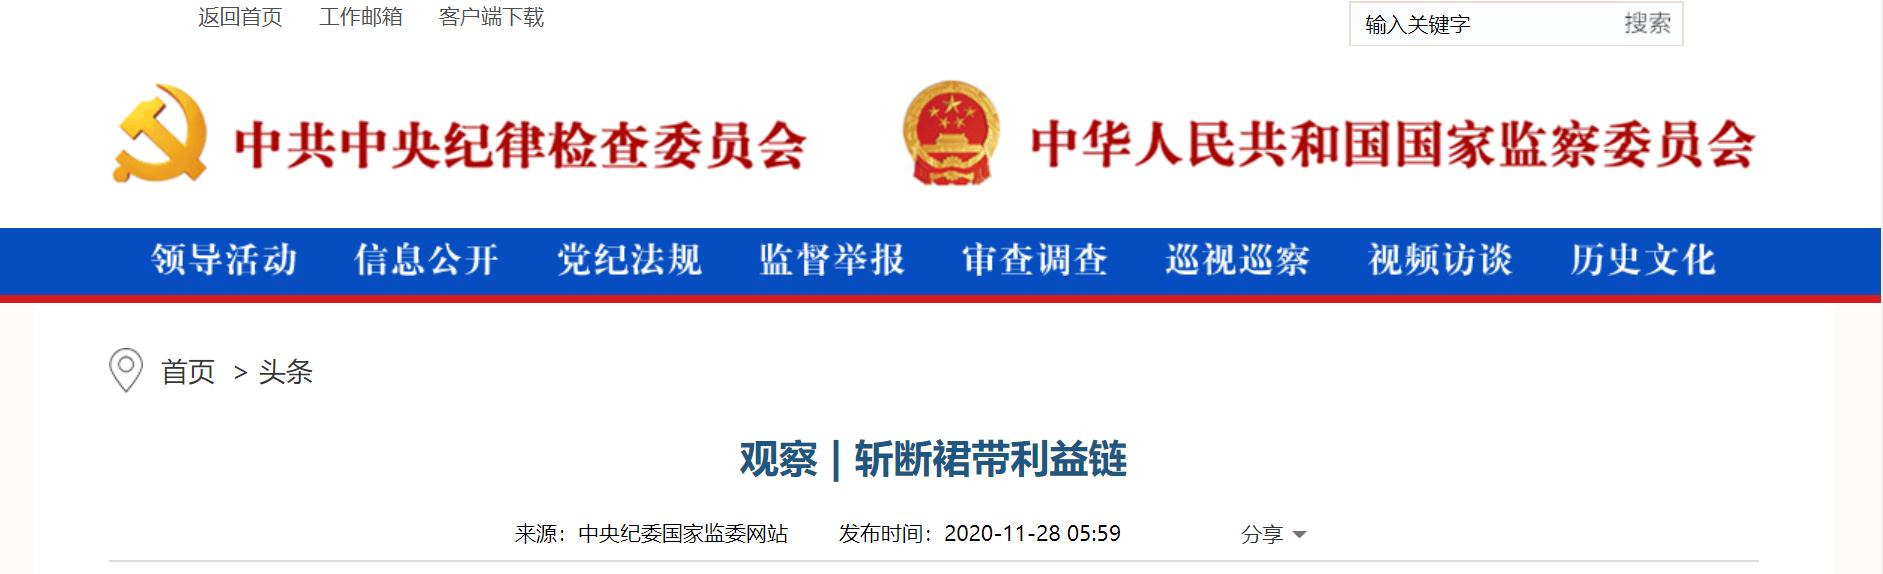 """中纪委网站刊文谈""""近亲繁殖"""":极易形成家族式腐败窝案"""